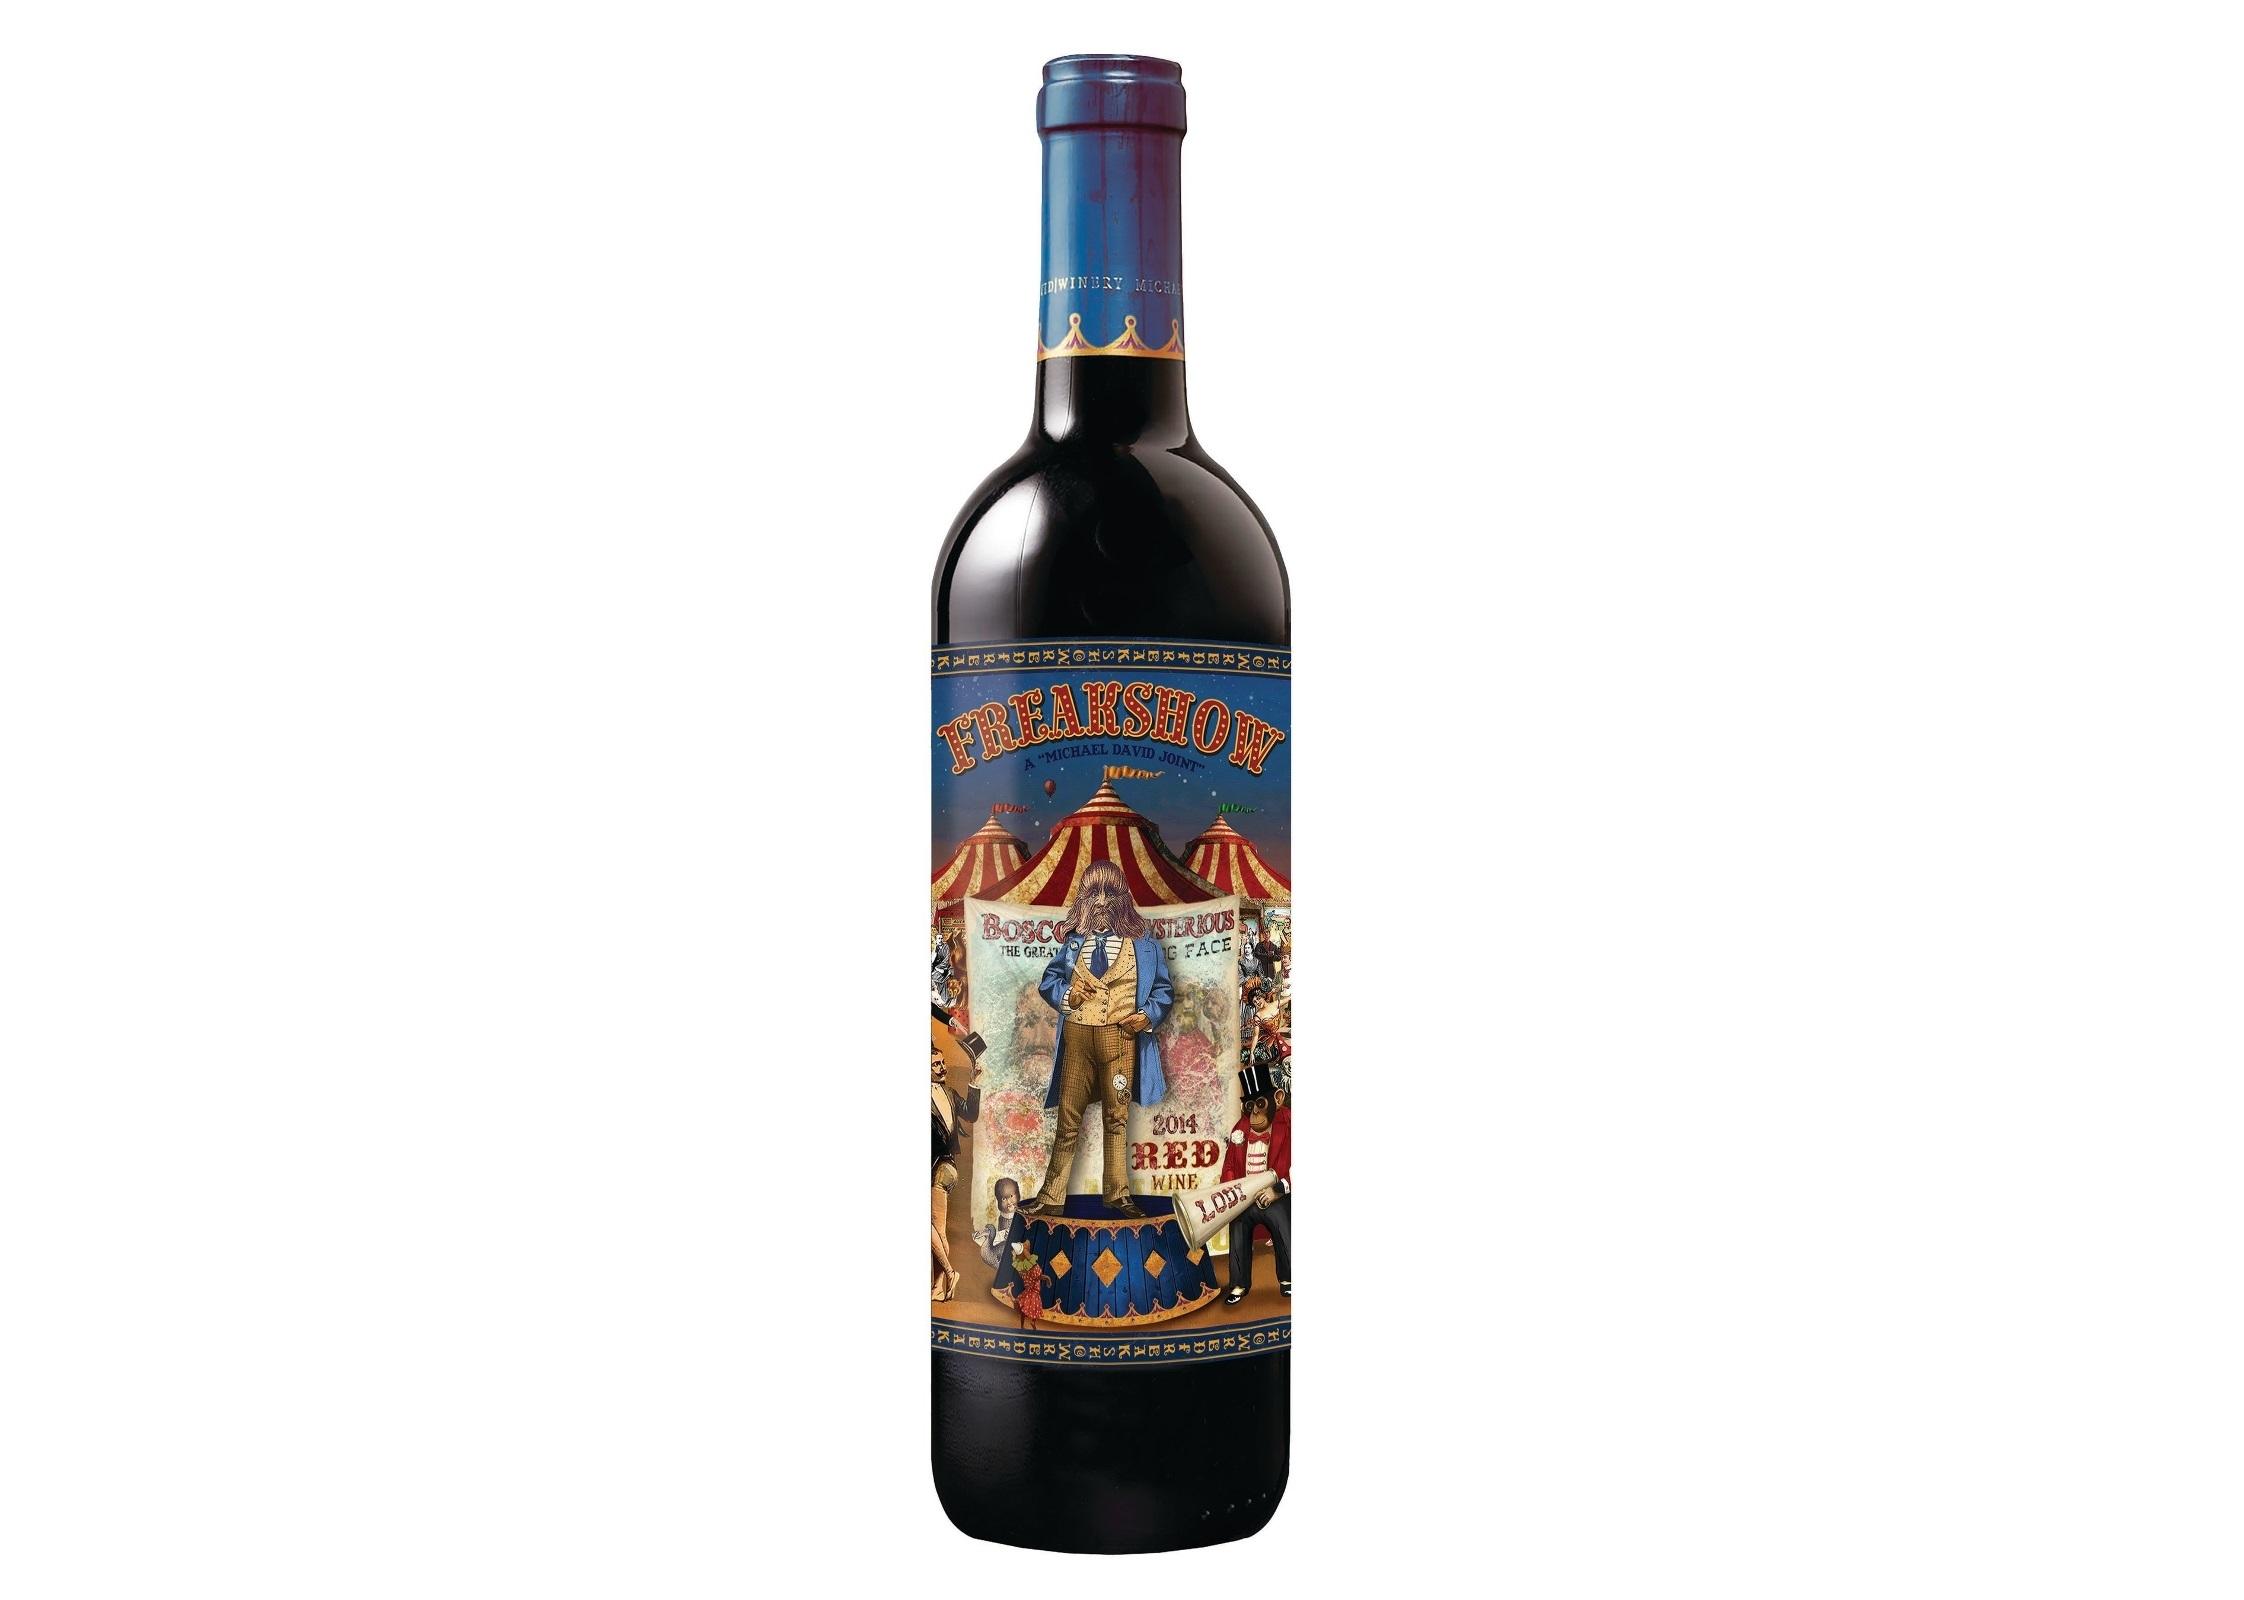 2014 Freakshow Red Wine is Set to Enter U.S. Market